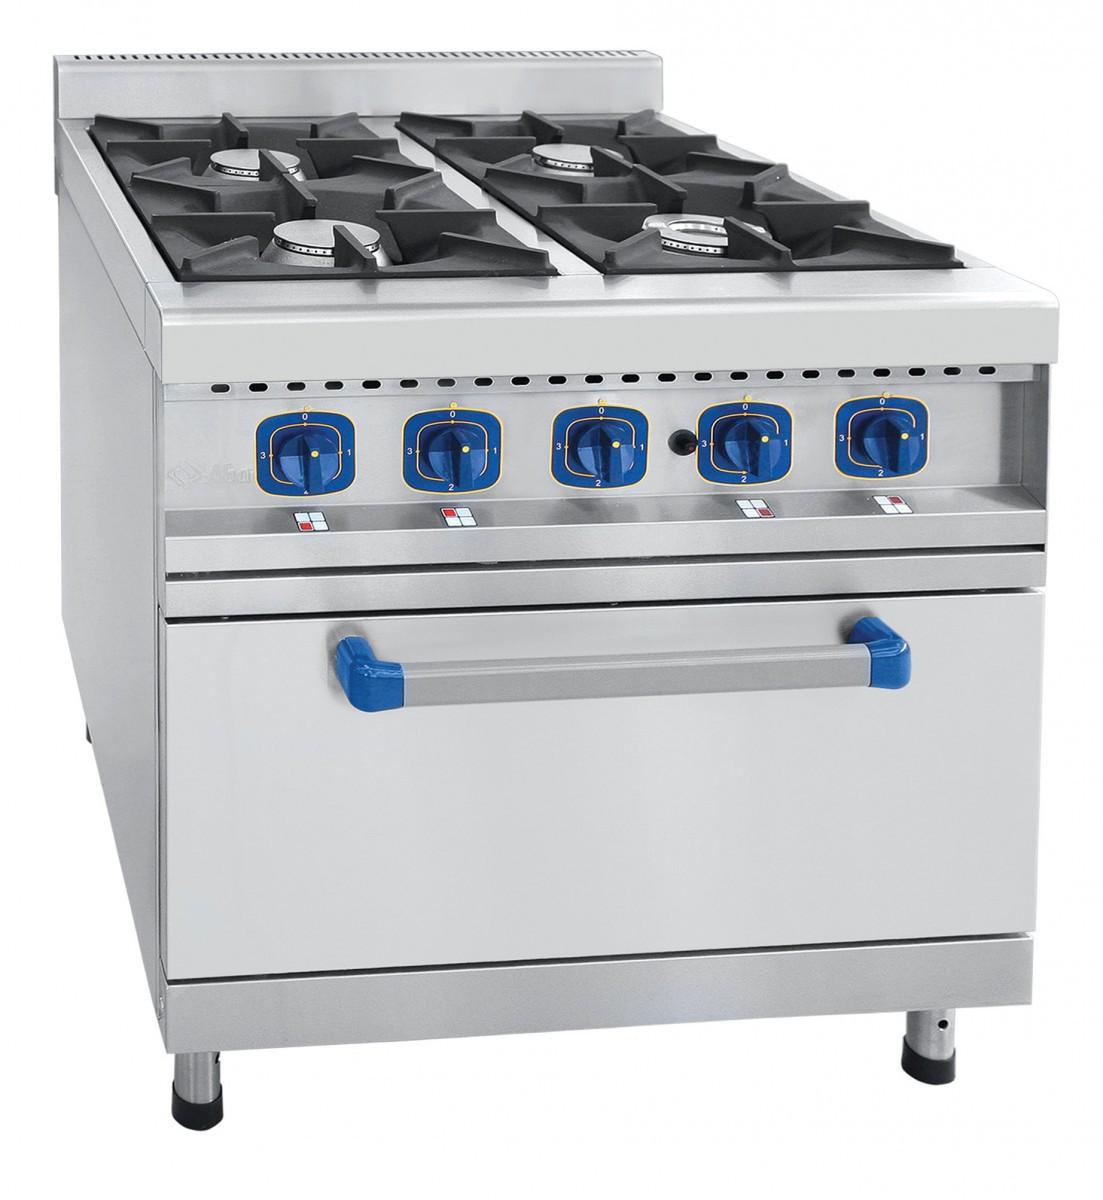 Газовая плита четырехгорелочная с духовкой (газовой) ПГК-49ЖШ Ават